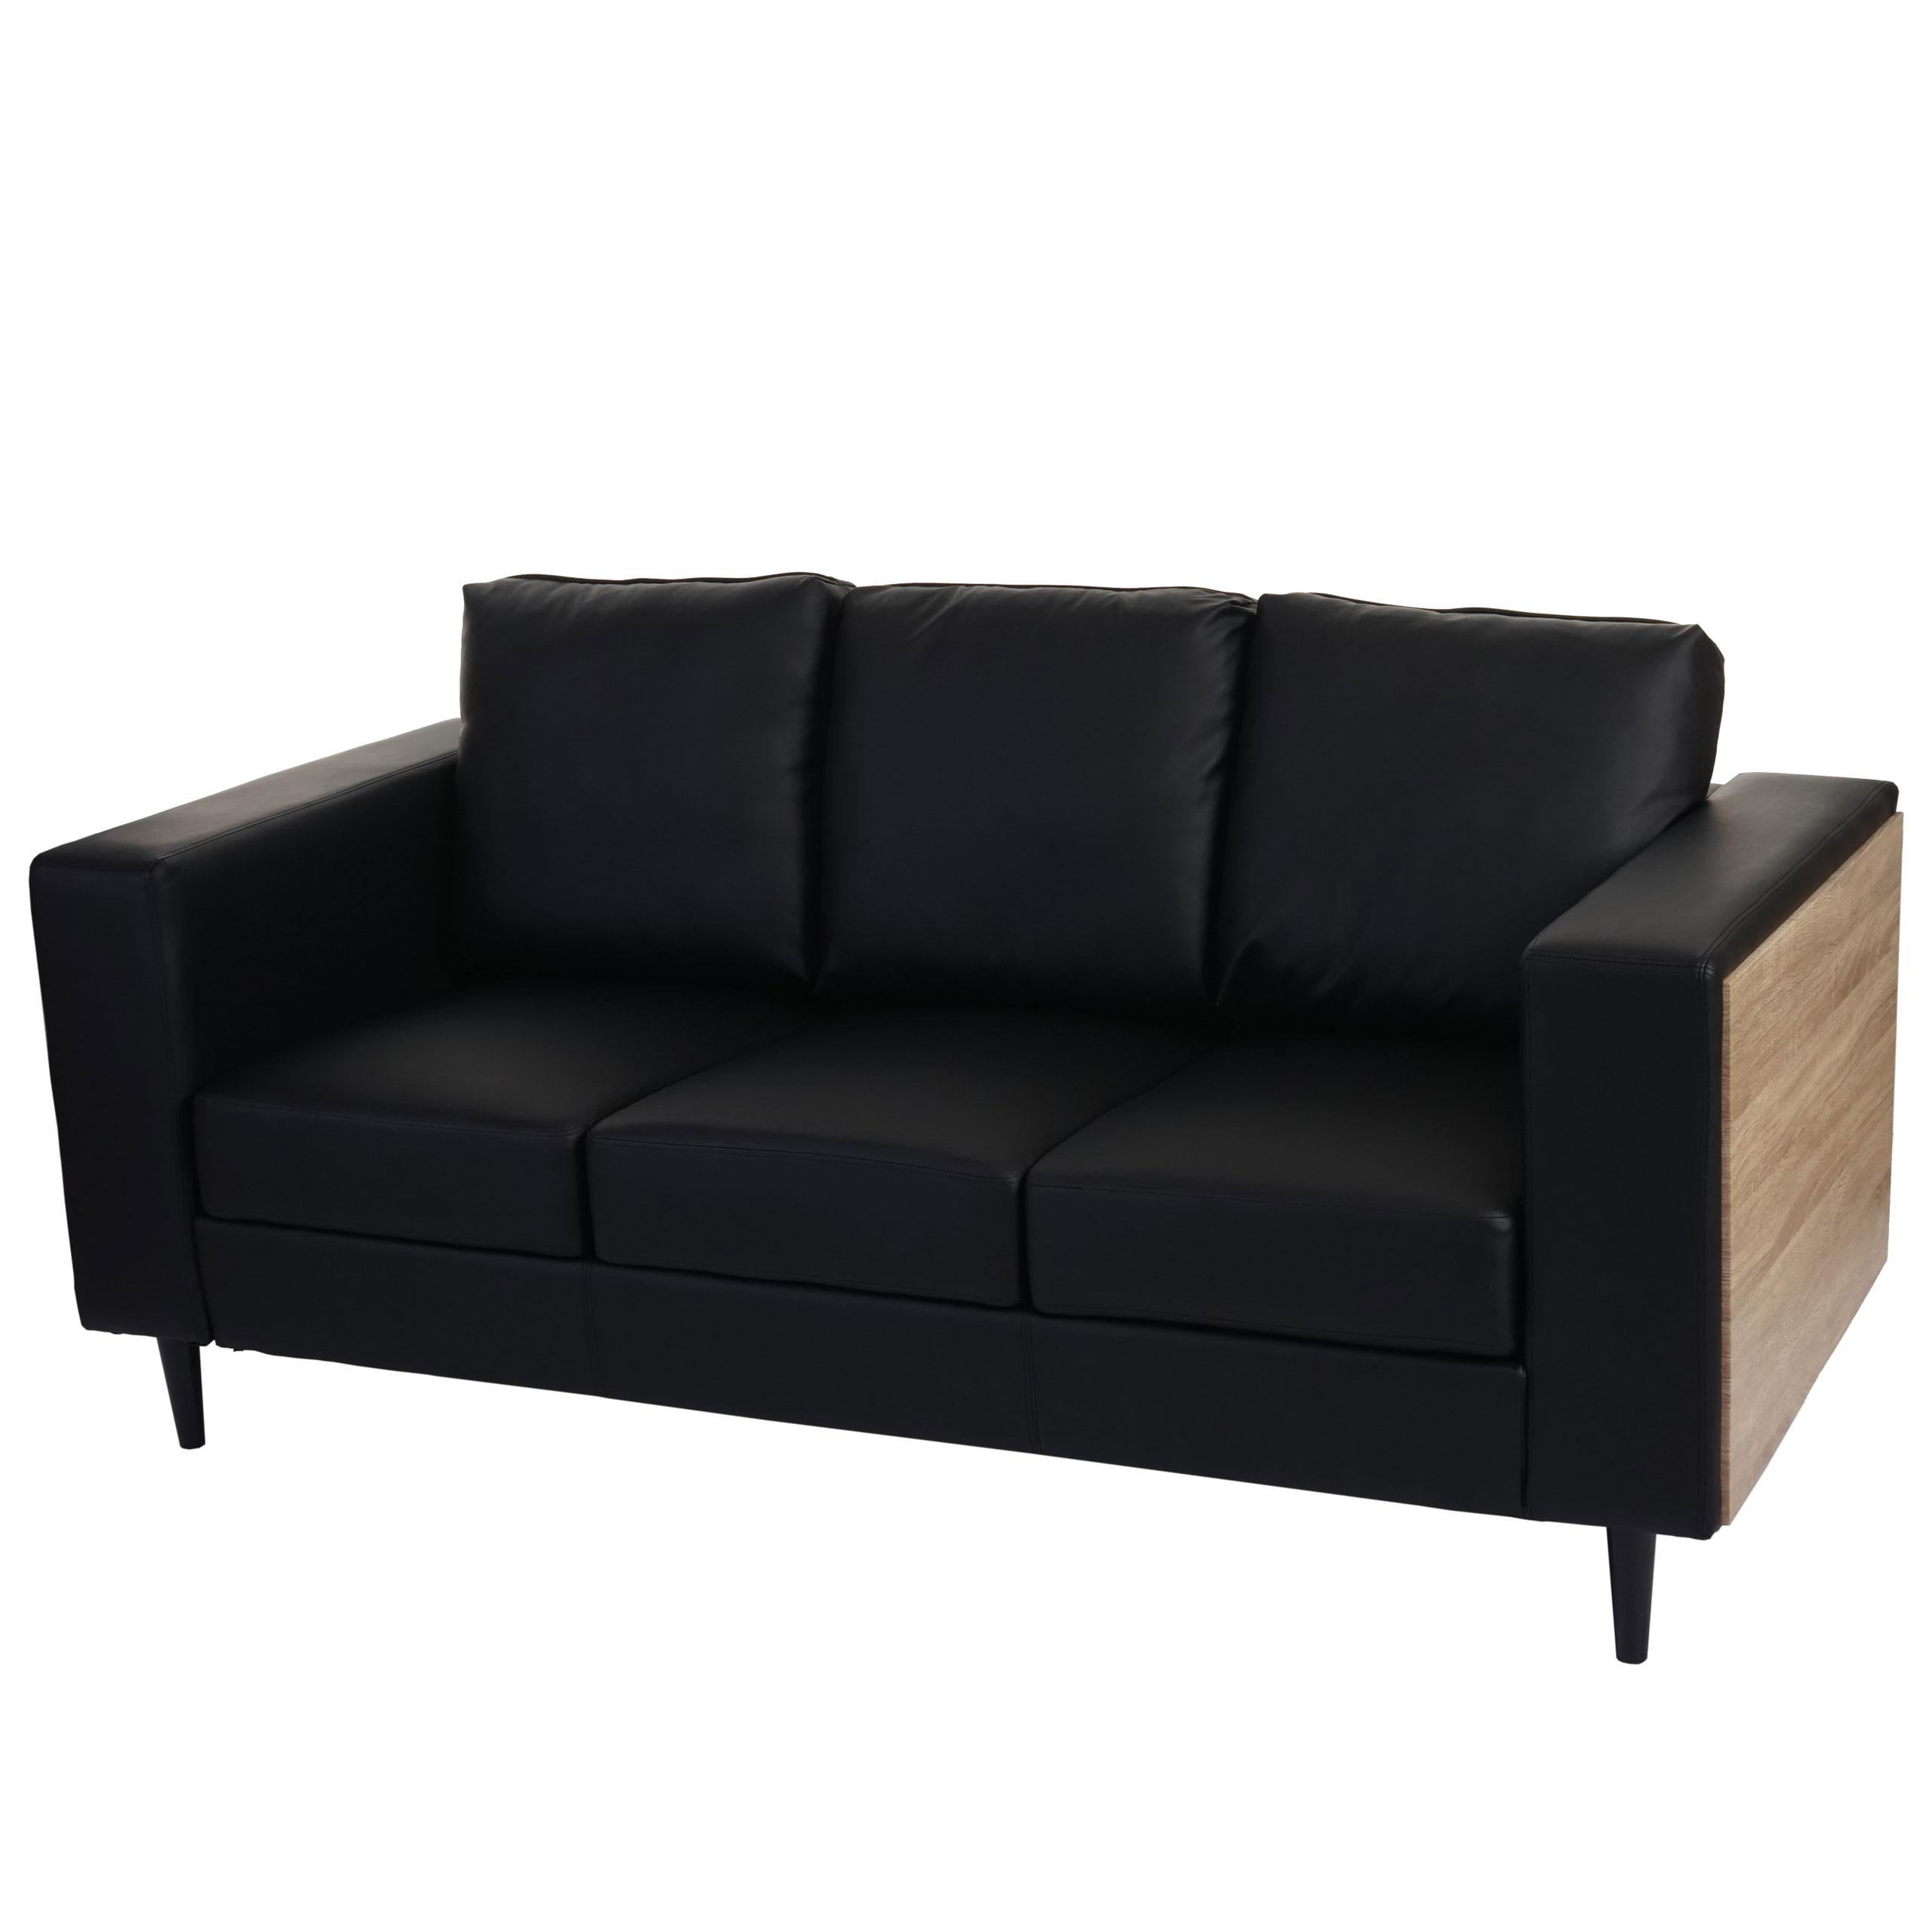 sofagarnit ur nancy loungesofa sessel 2er sofa 3er sofa holz eiche optik ebay. Black Bedroom Furniture Sets. Home Design Ideas